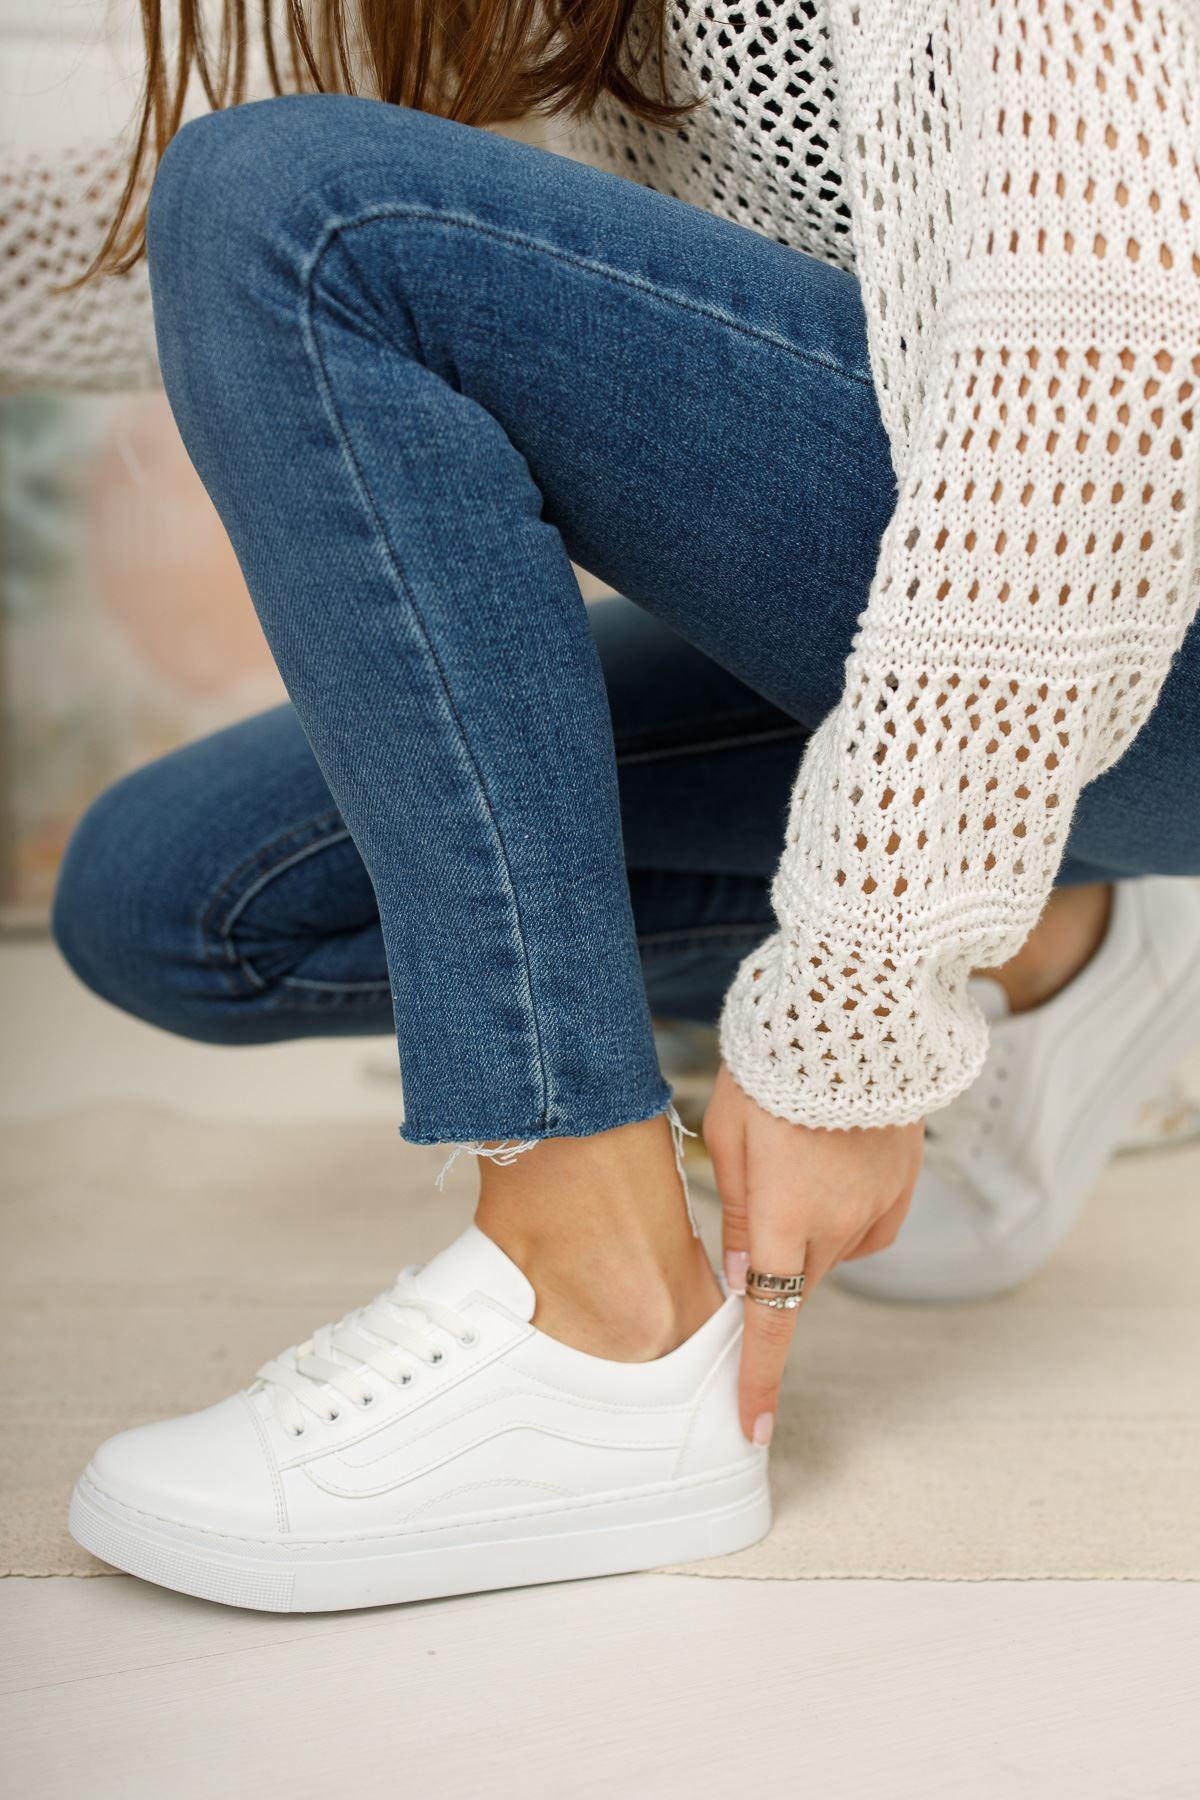 Beyaz Günlük Spor Ayakkabı